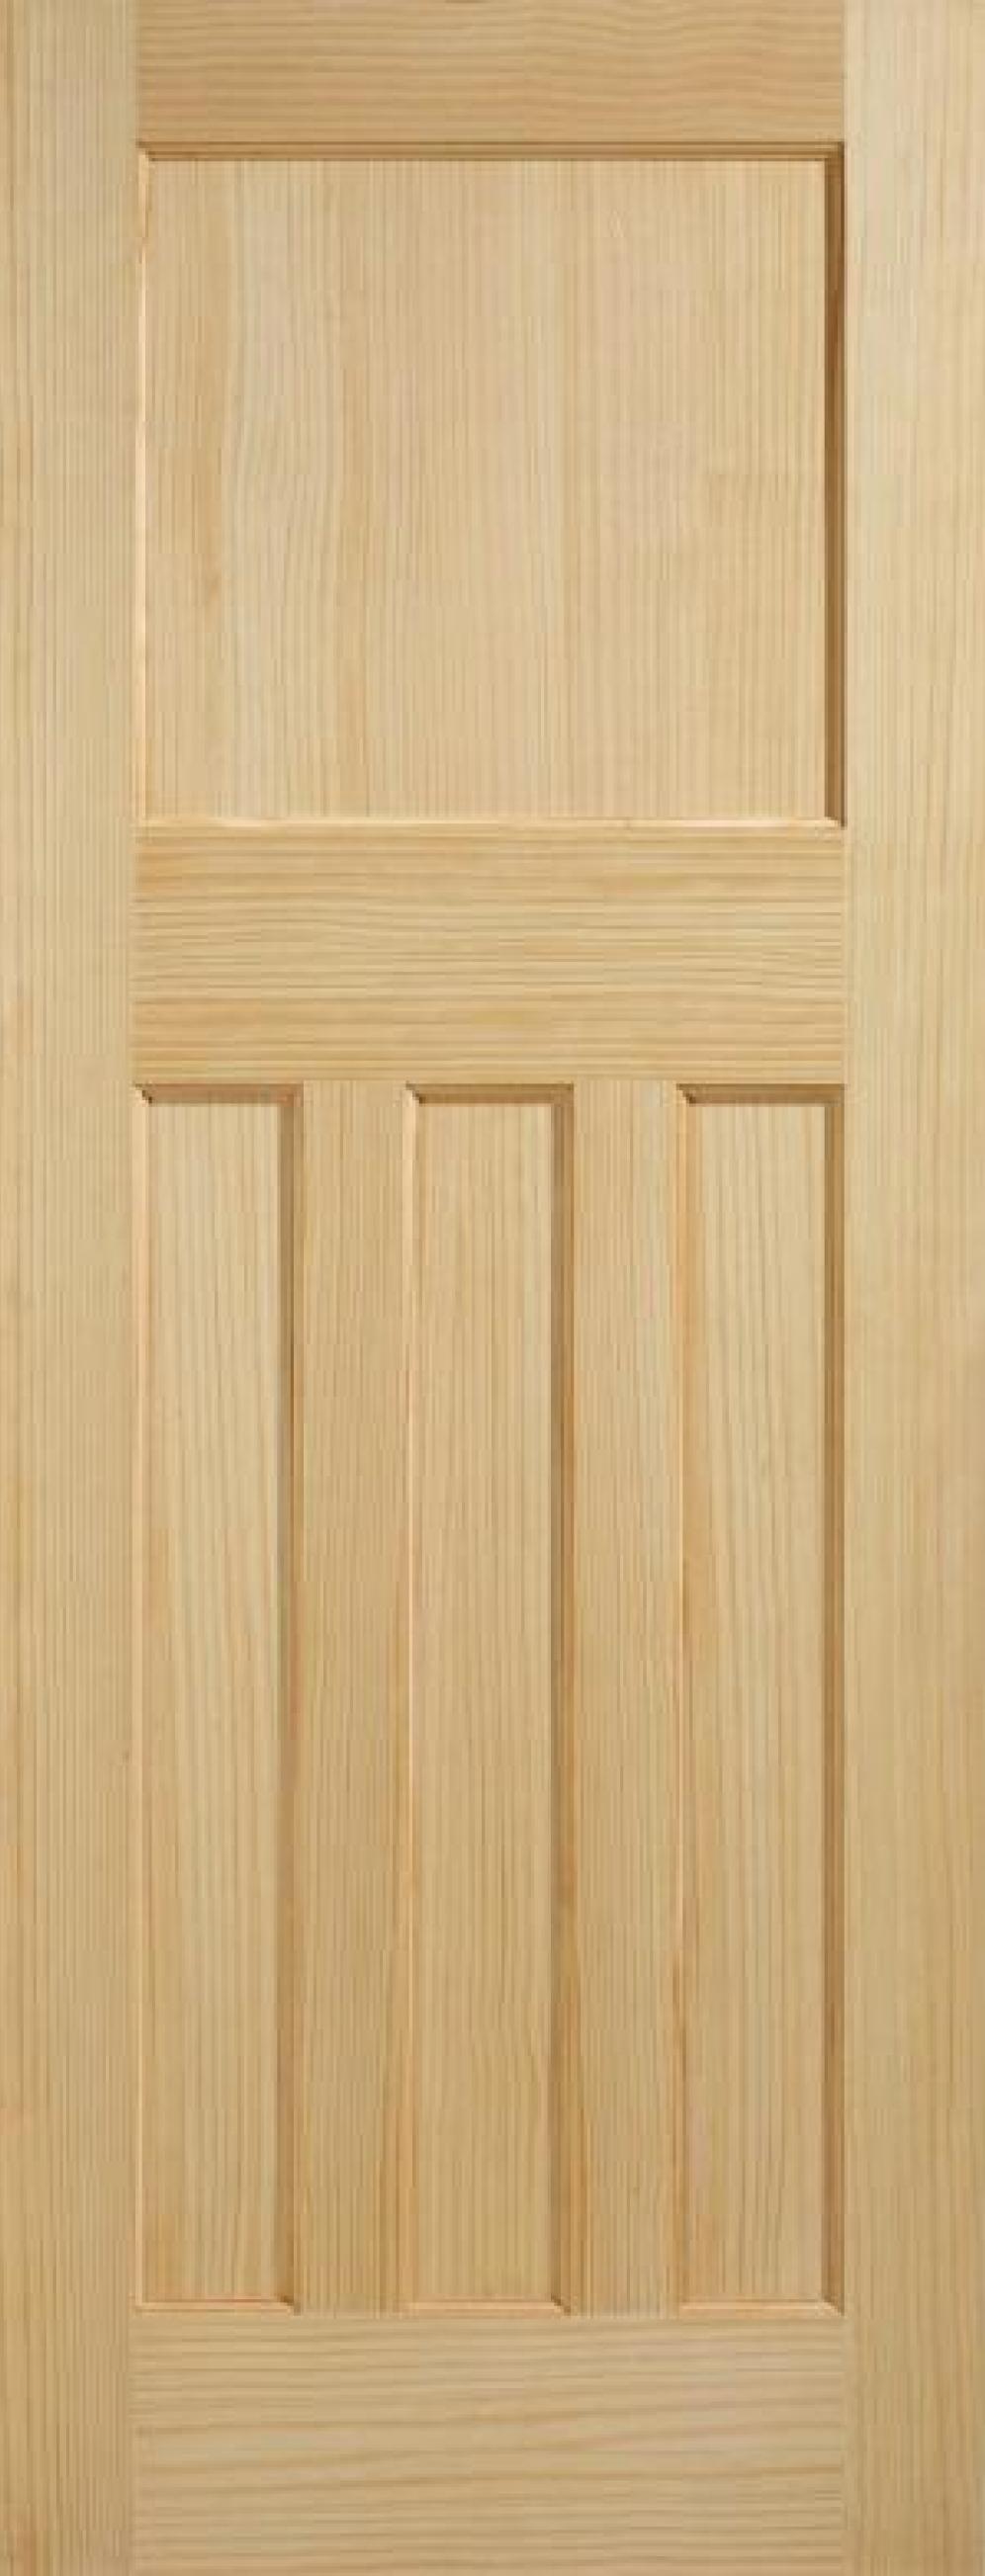 DX 30's Style Pine Door